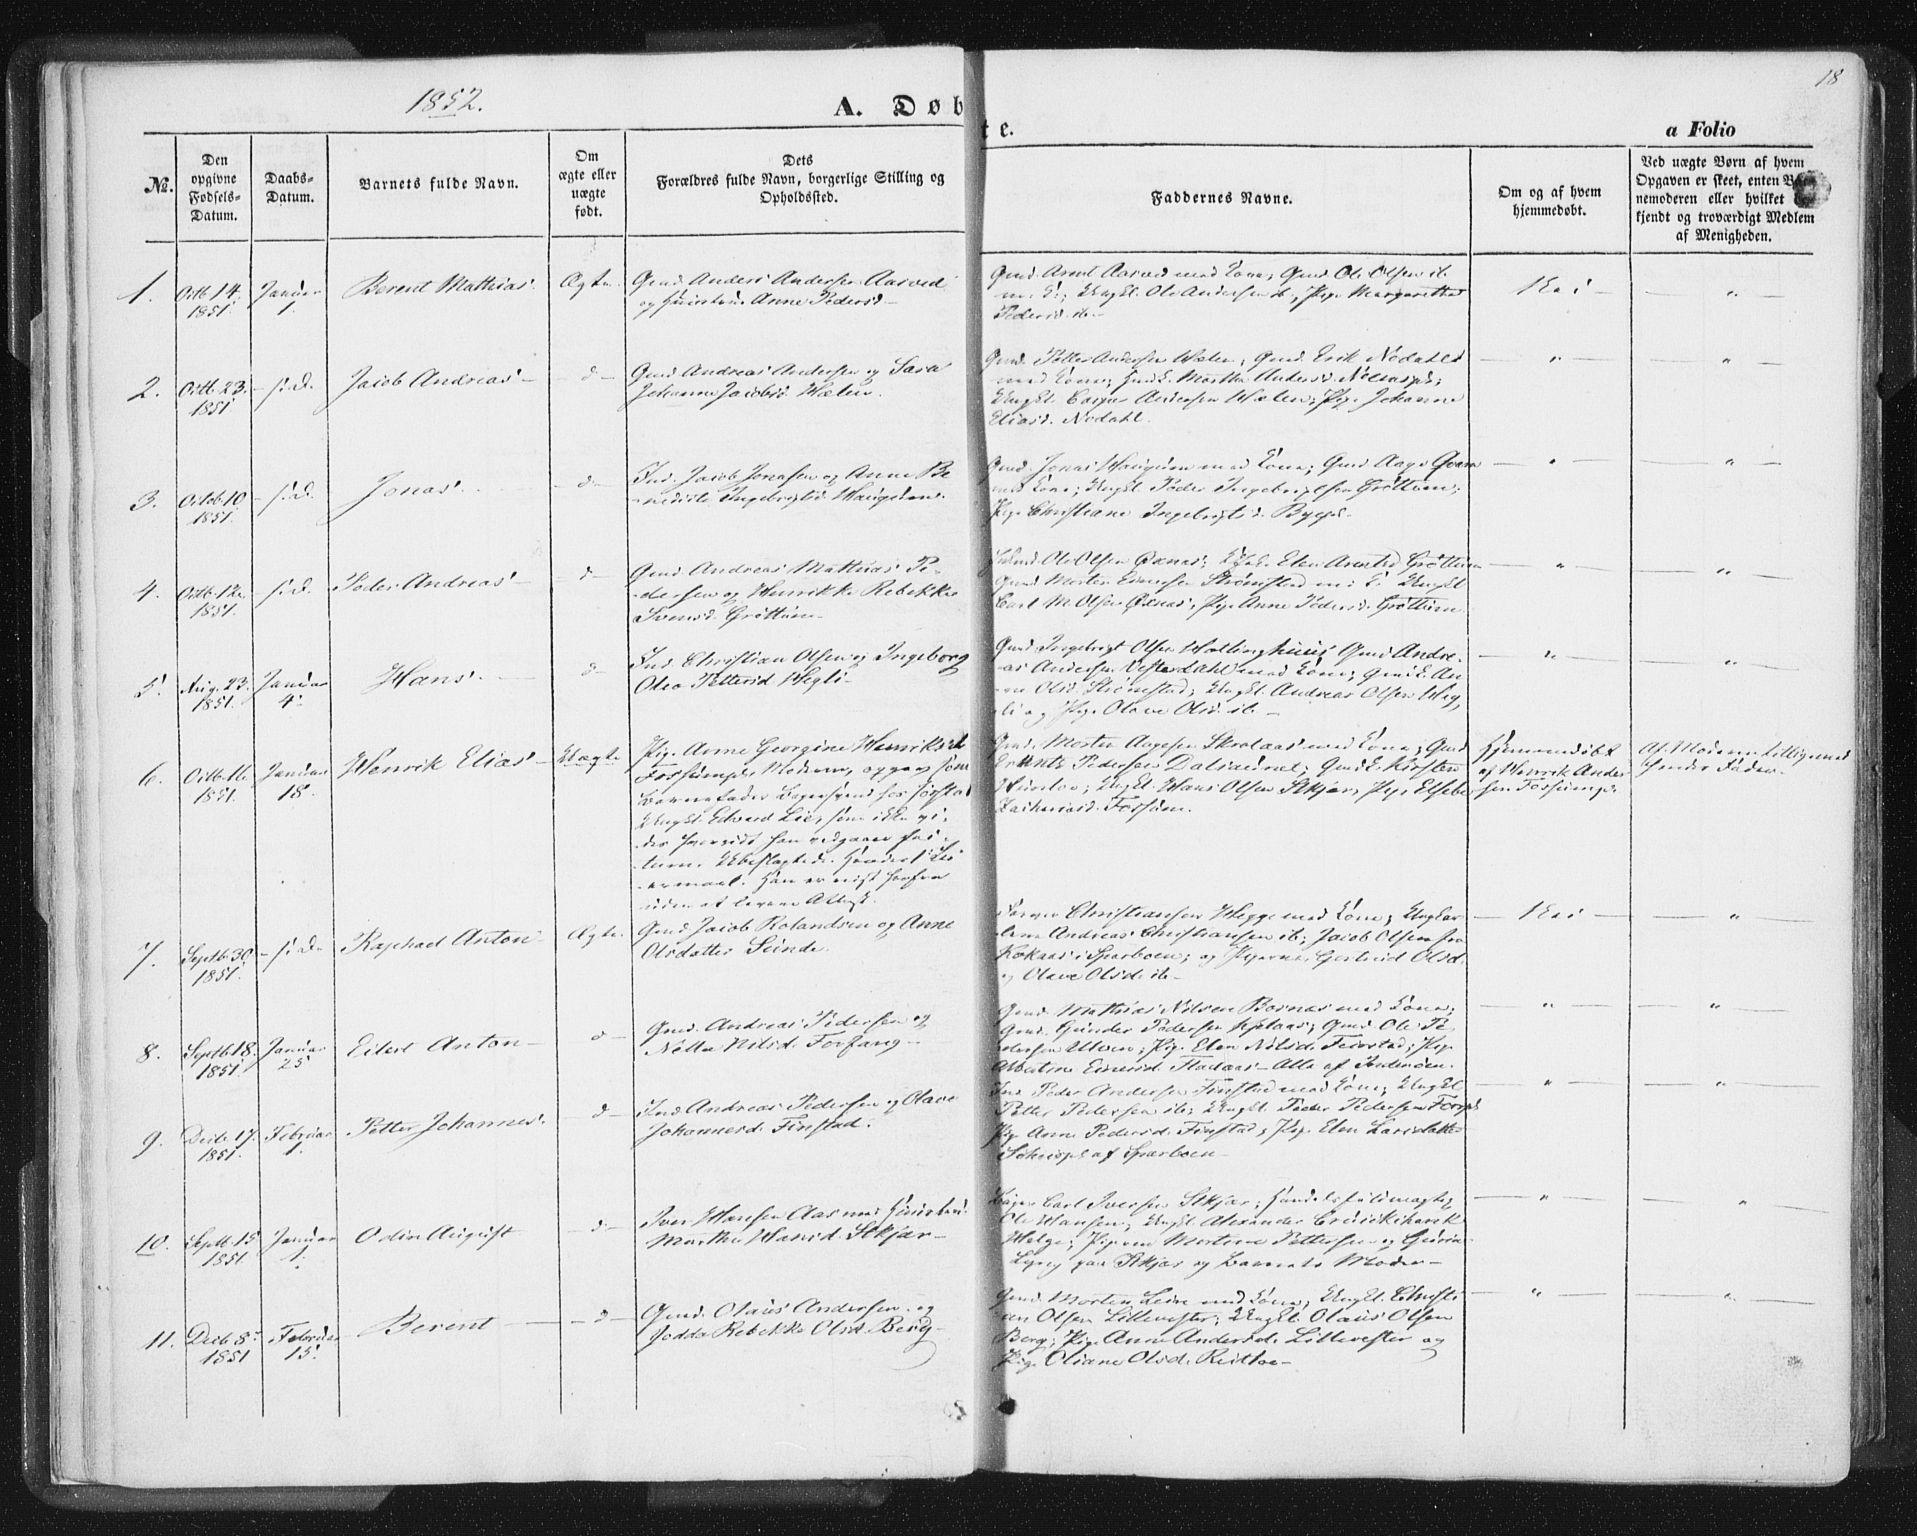 SAT, Ministerialprotokoller, klokkerbøker og fødselsregistre - Nord-Trøndelag, 746/L0446: Ministerialbok nr. 746A05, 1846-1859, s. 18